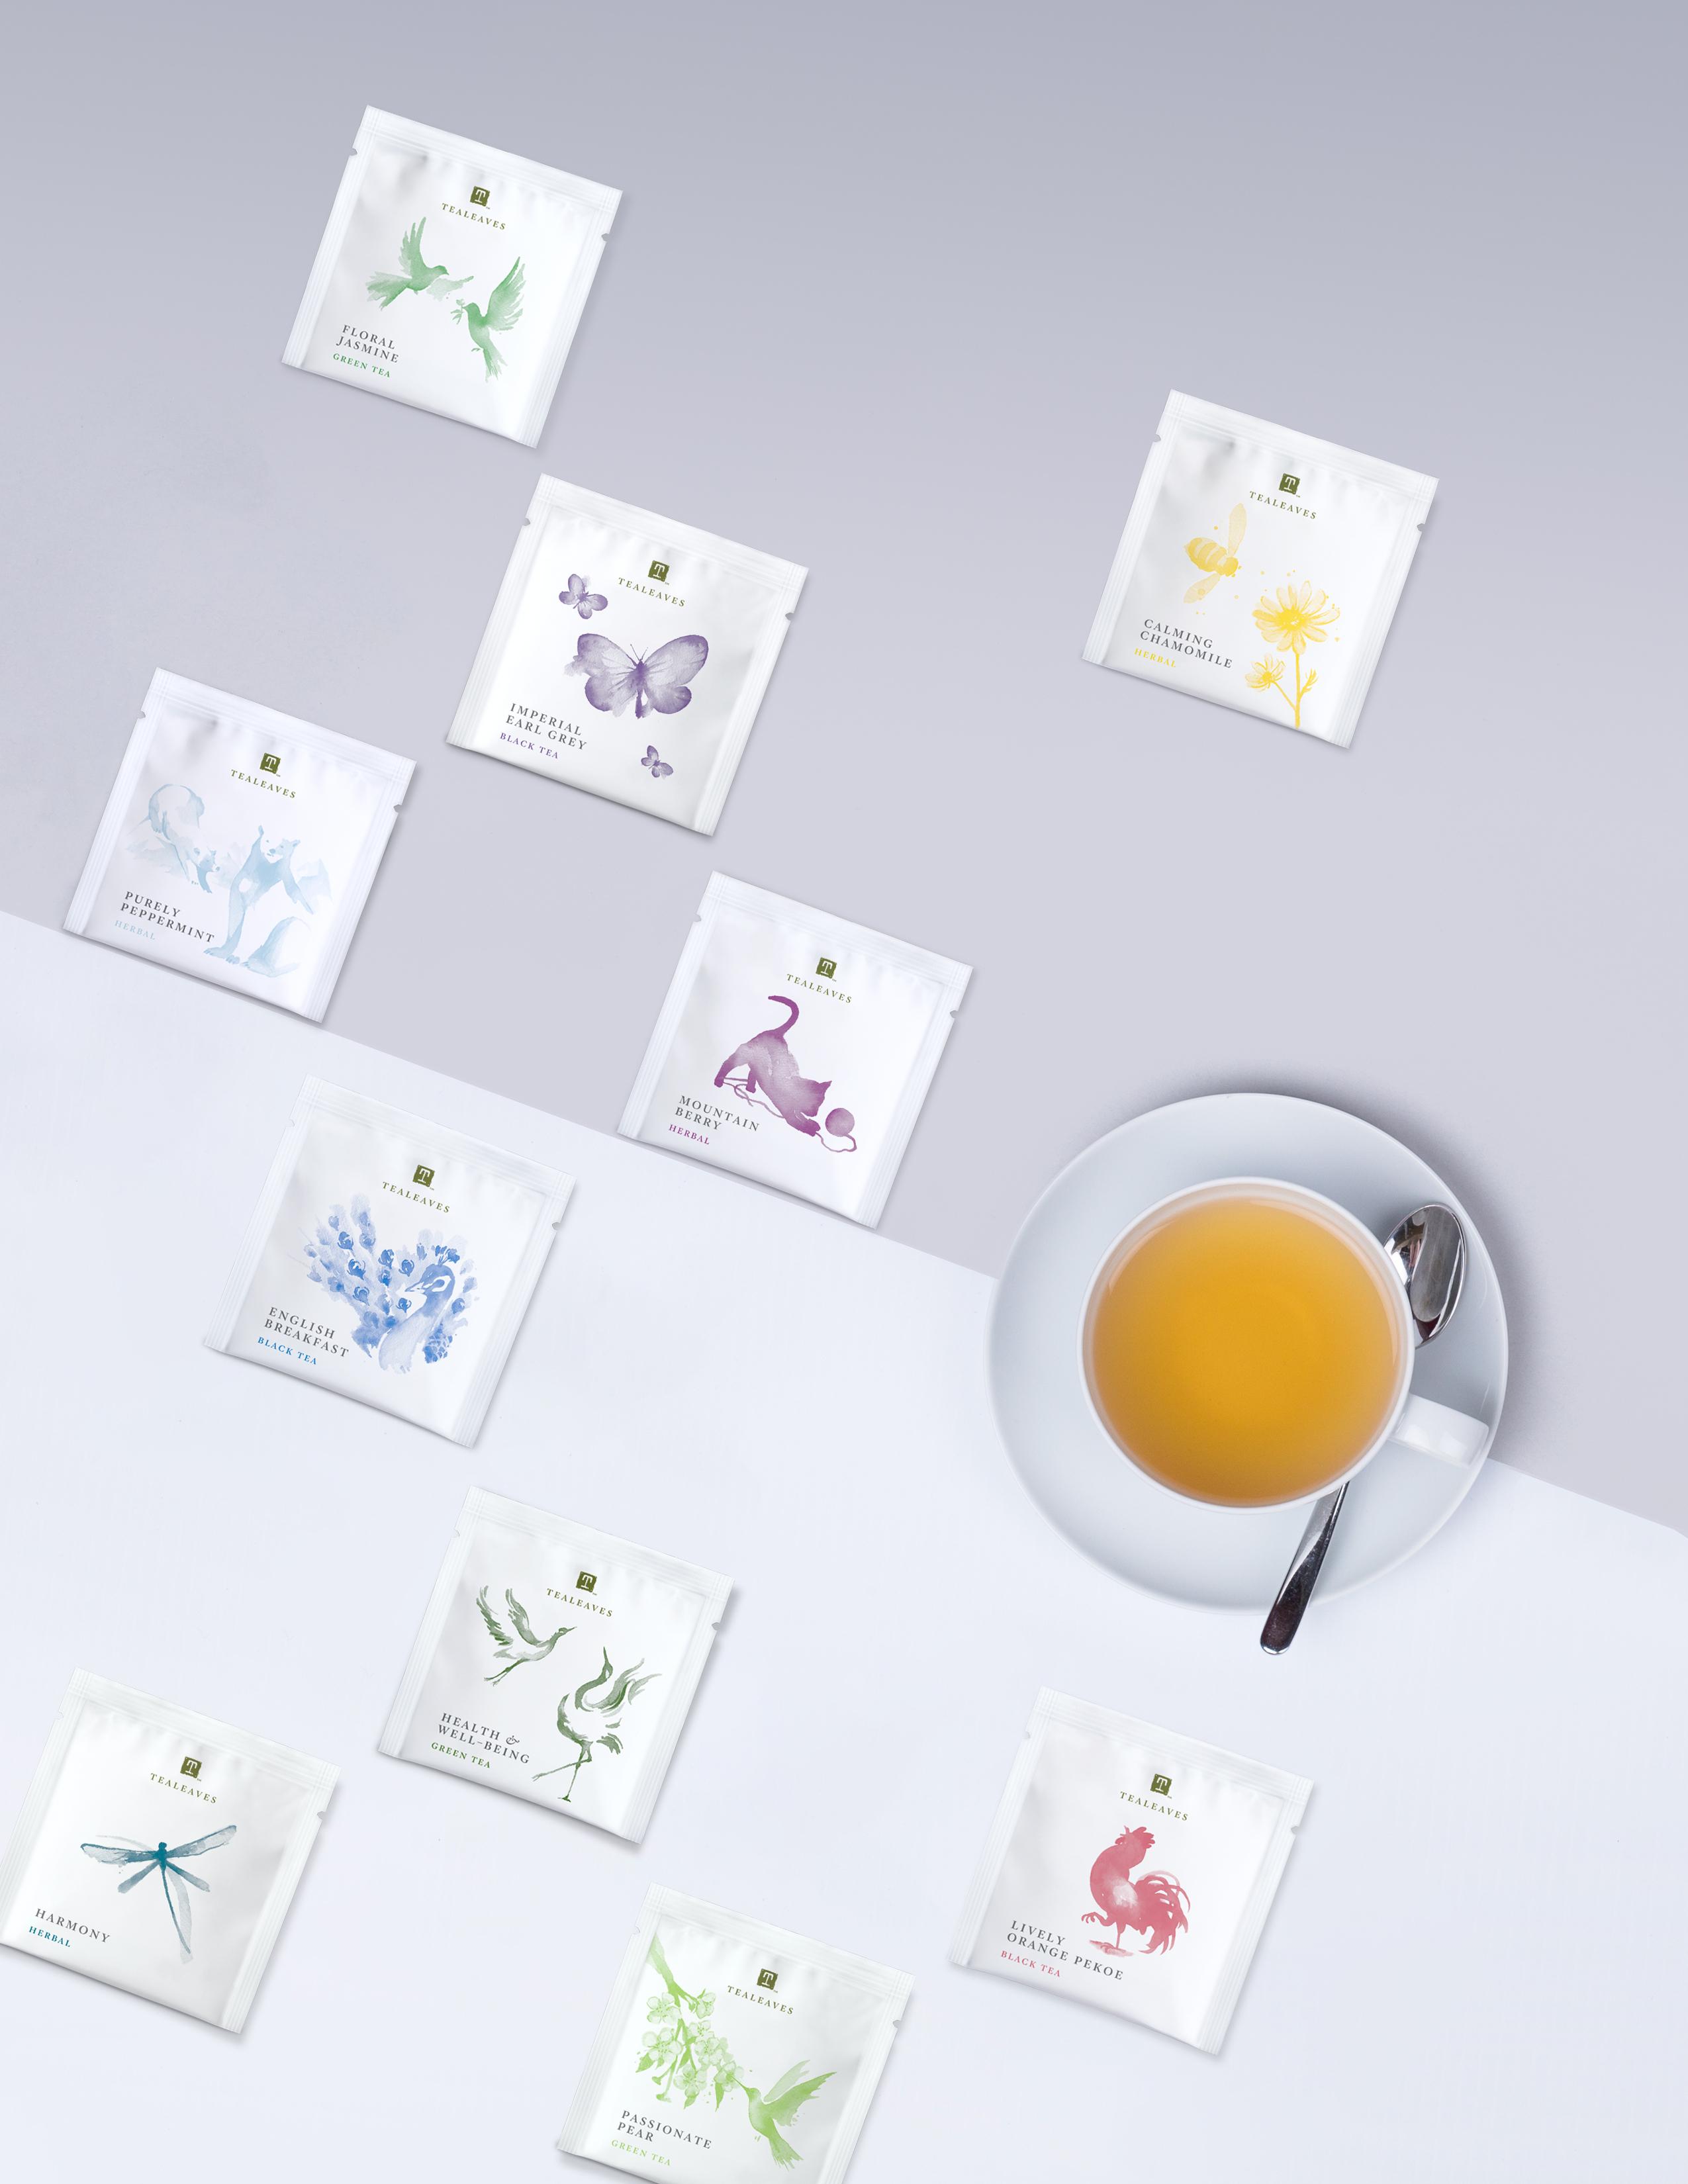 TEALEAVES, Luxury Tea Purveyor, Announces Fully Compostable Tea Bag Line for Earth Day